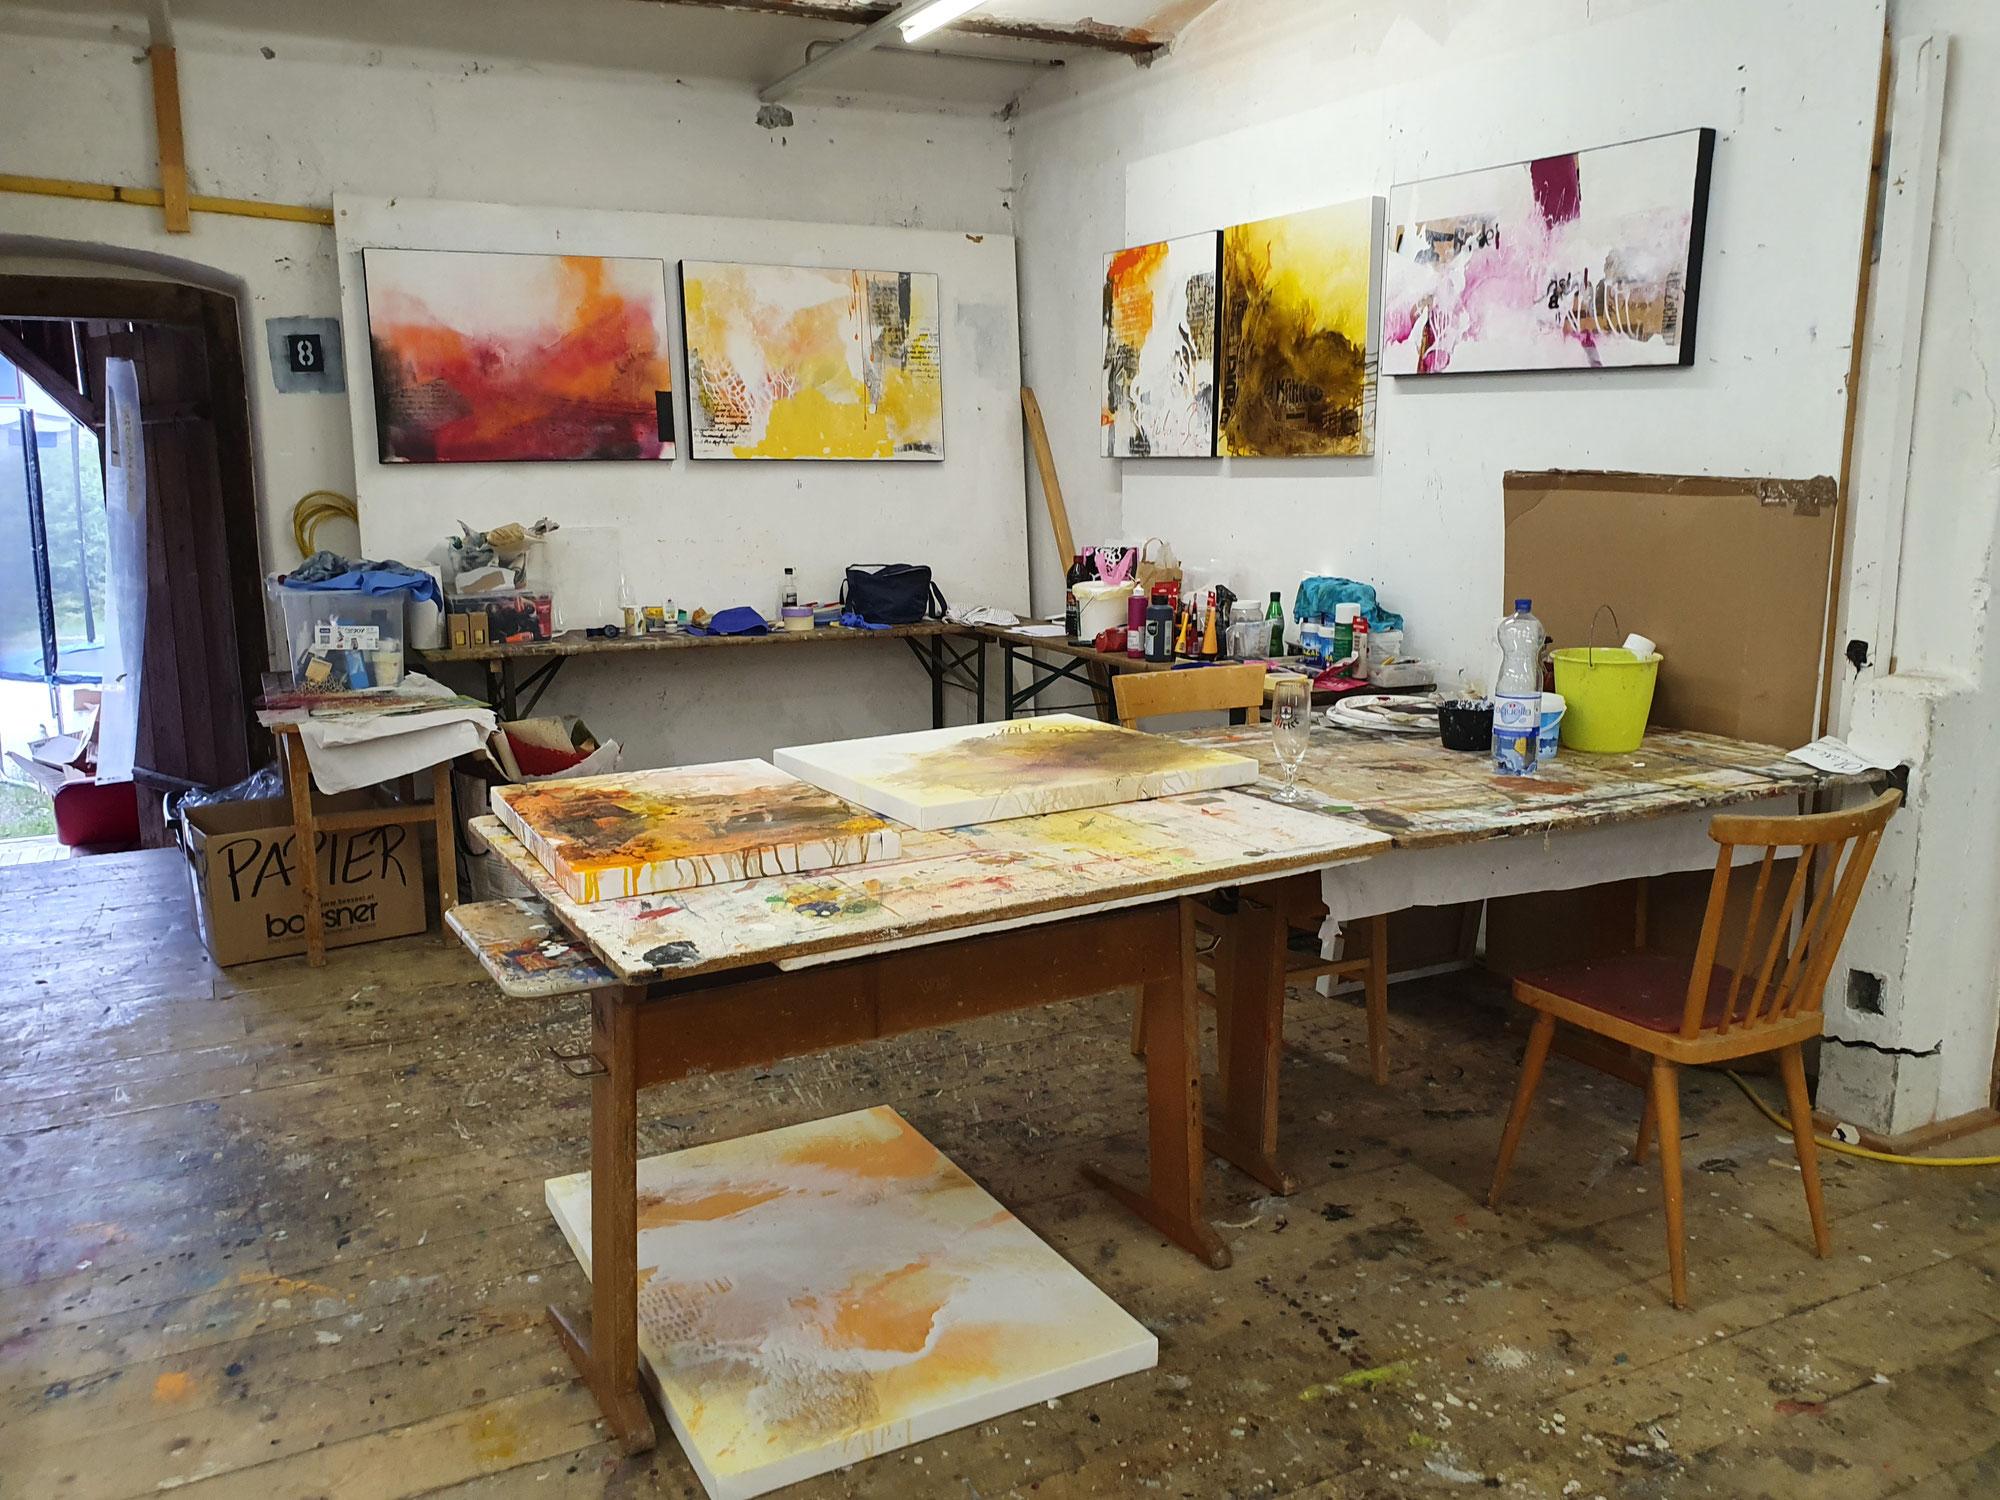 Atelier in Sicht